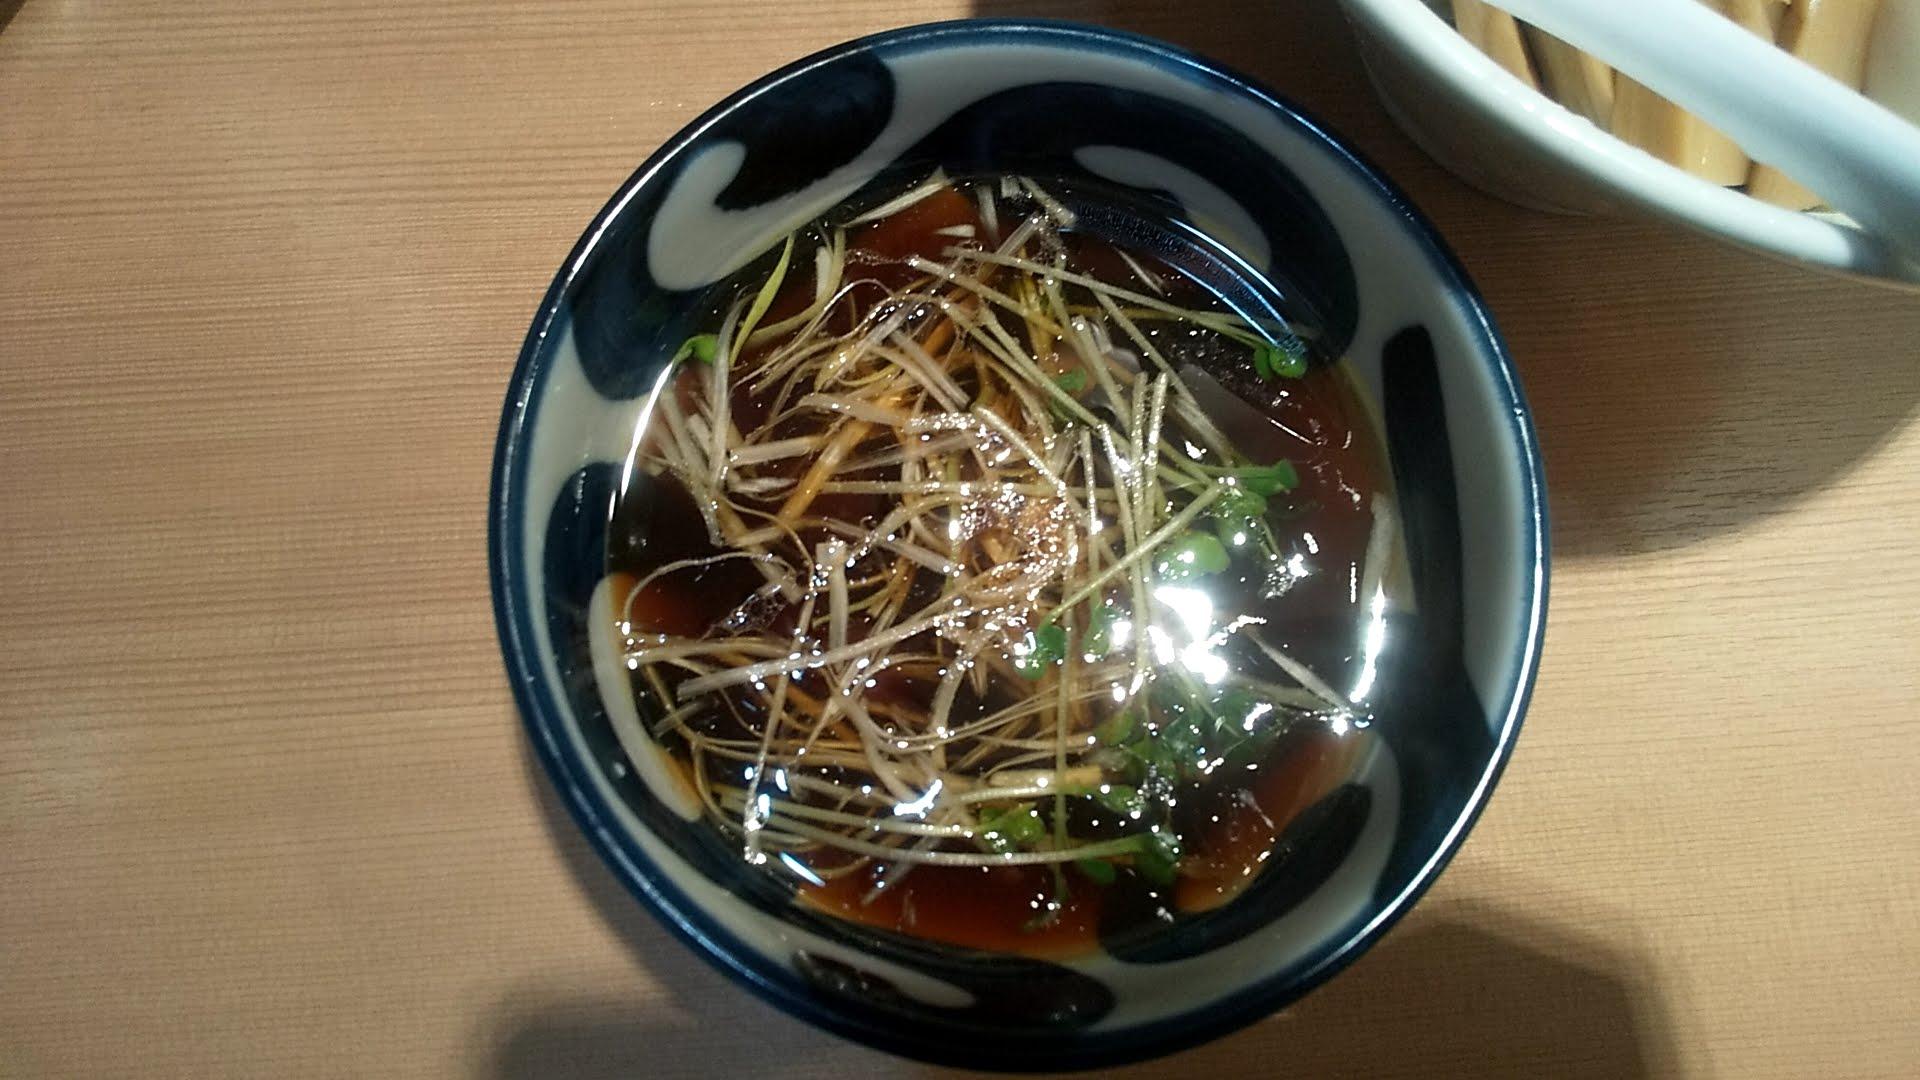 中華そばます田の特製つけ麺のつけ汁の写真